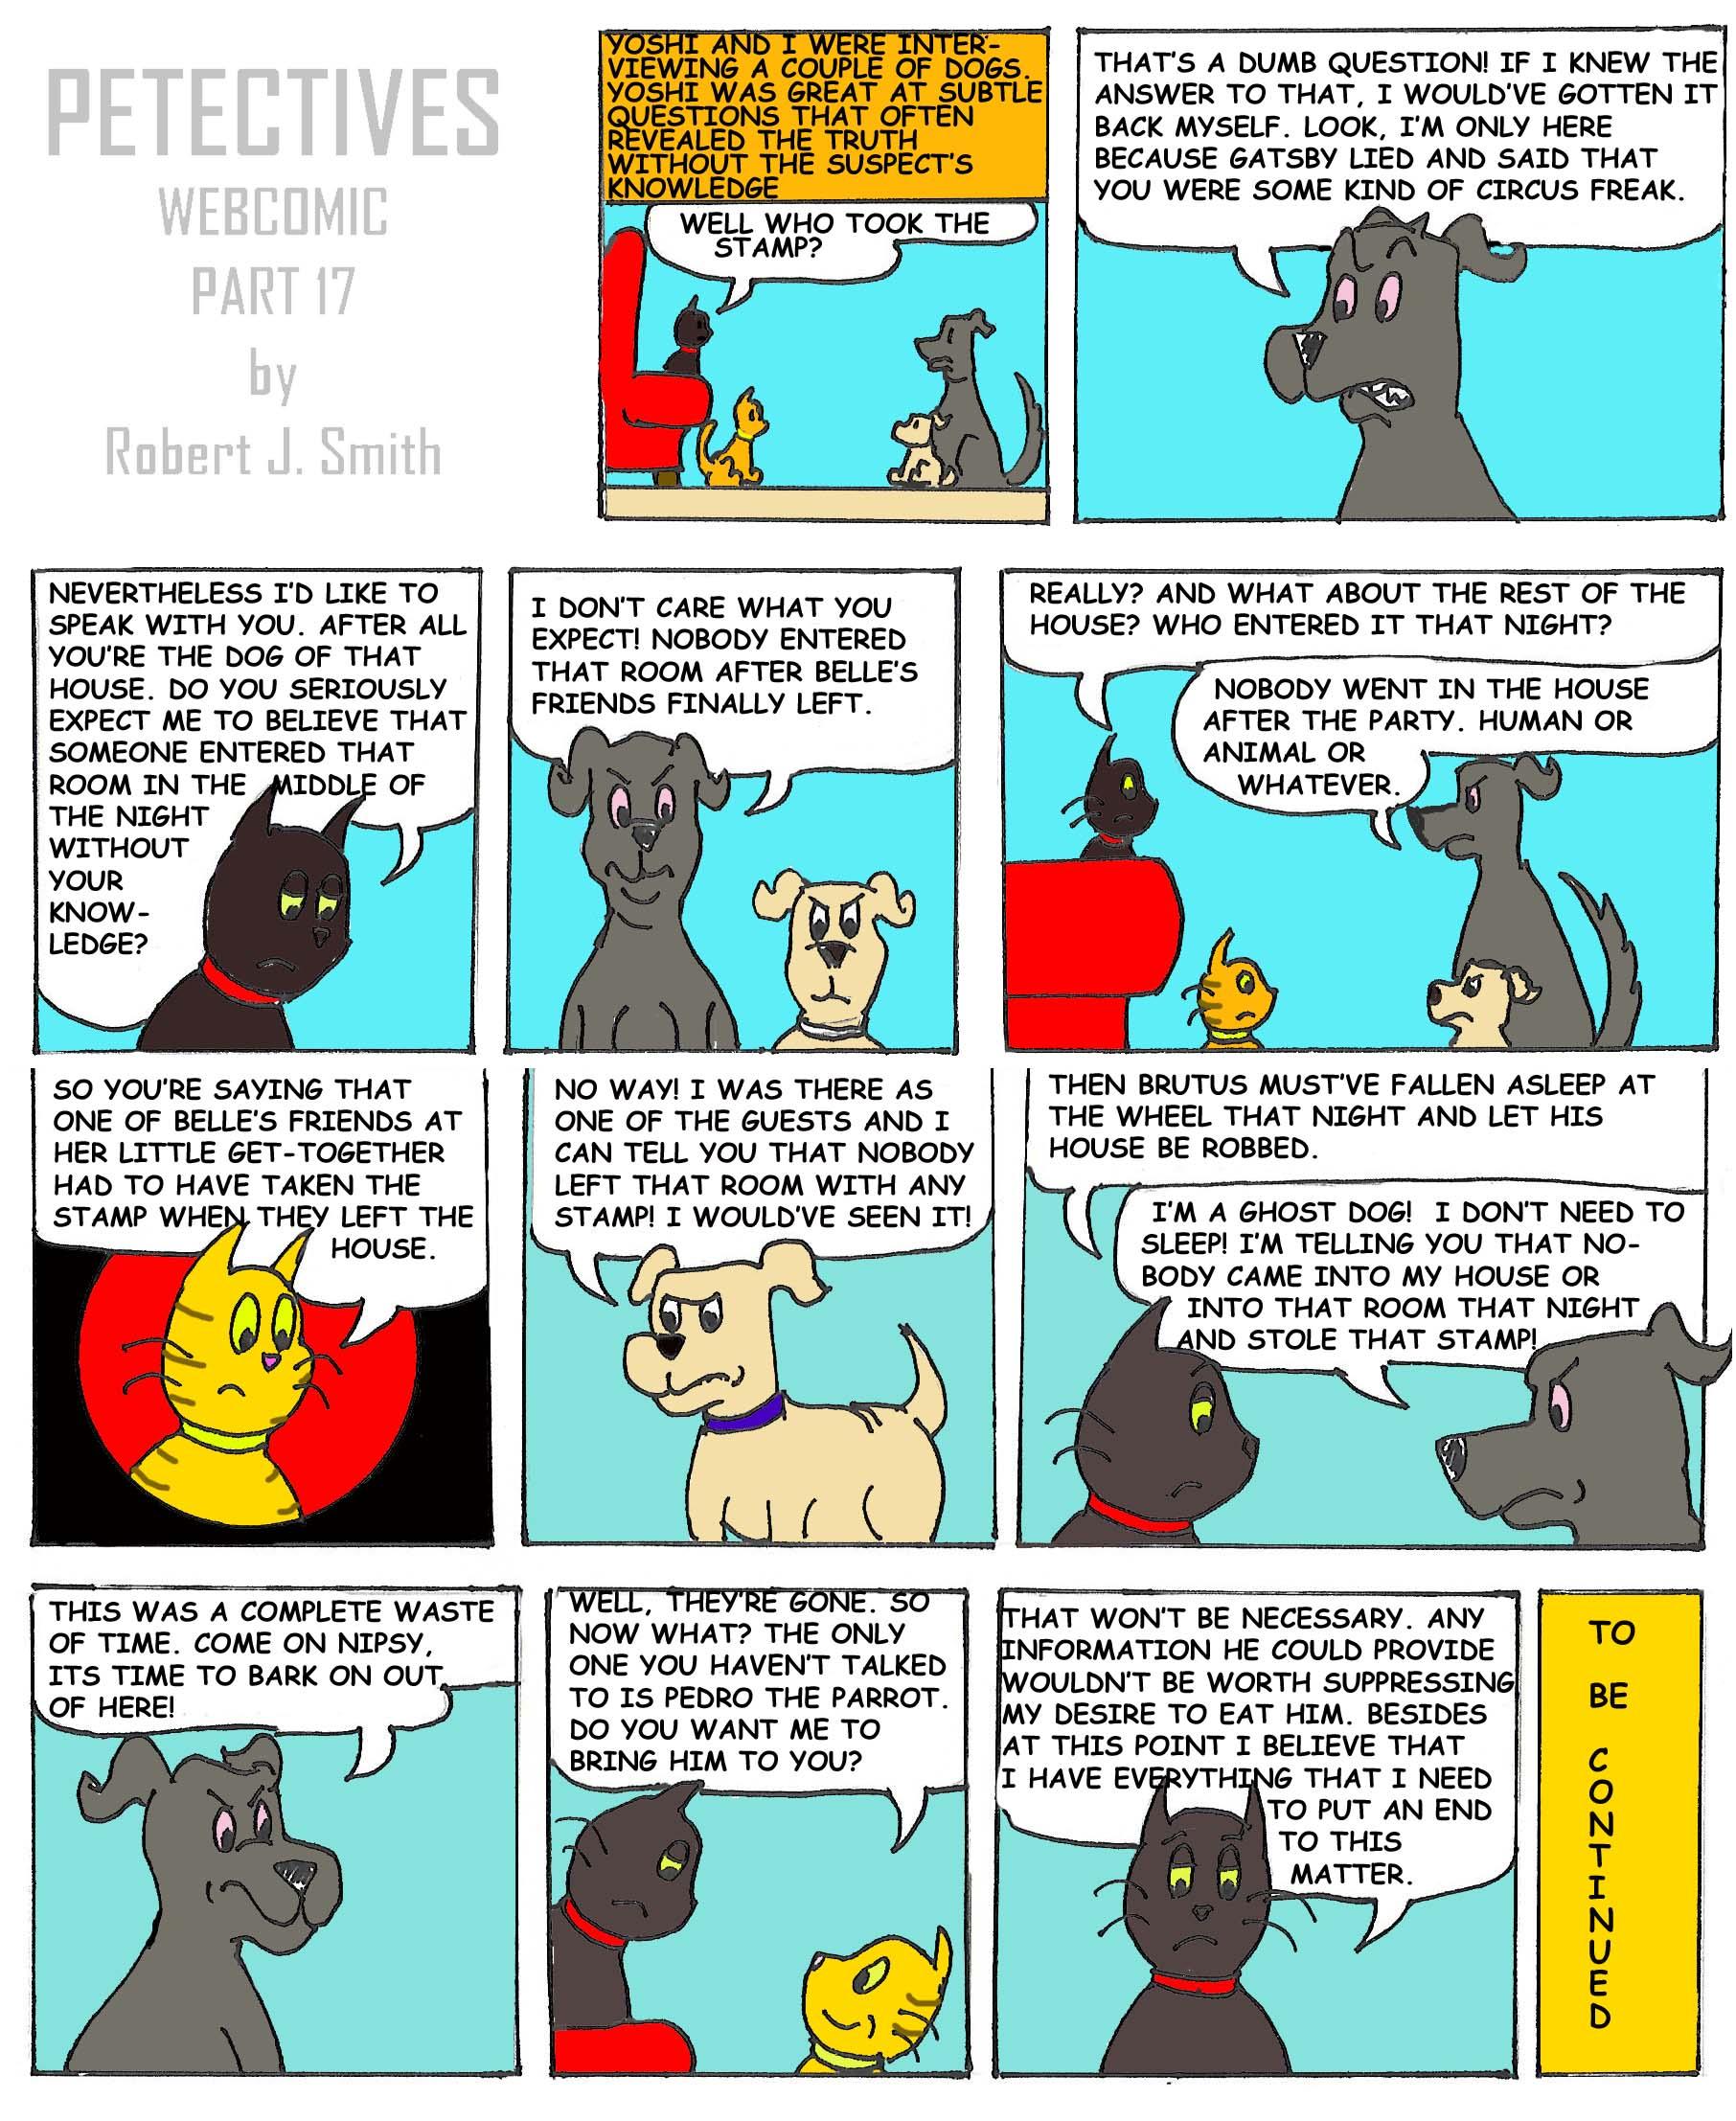 petectives-webcomic-part-17